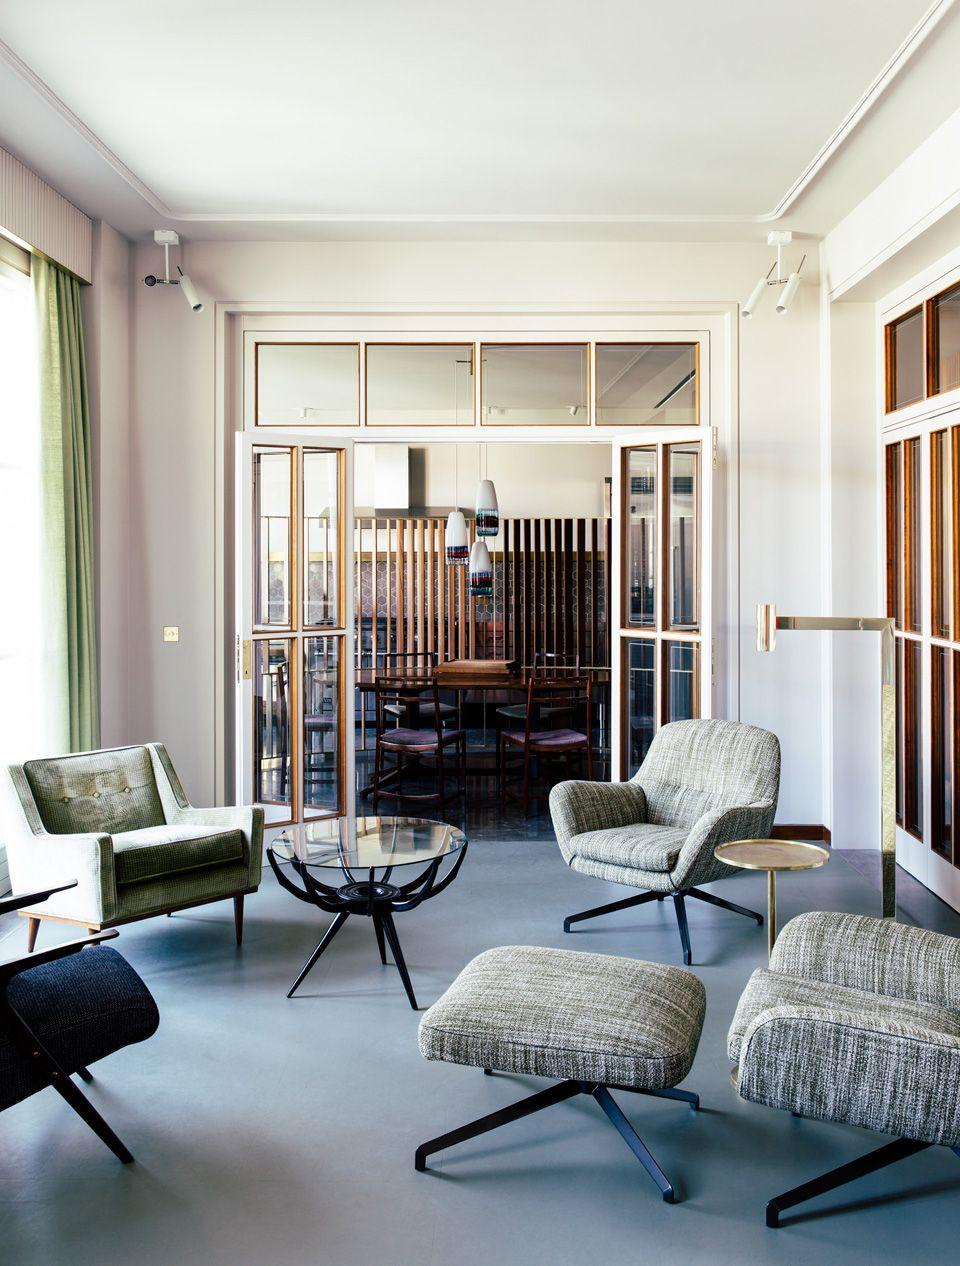 Massimo adario architetto furniture idee per interni for Architetto per interni